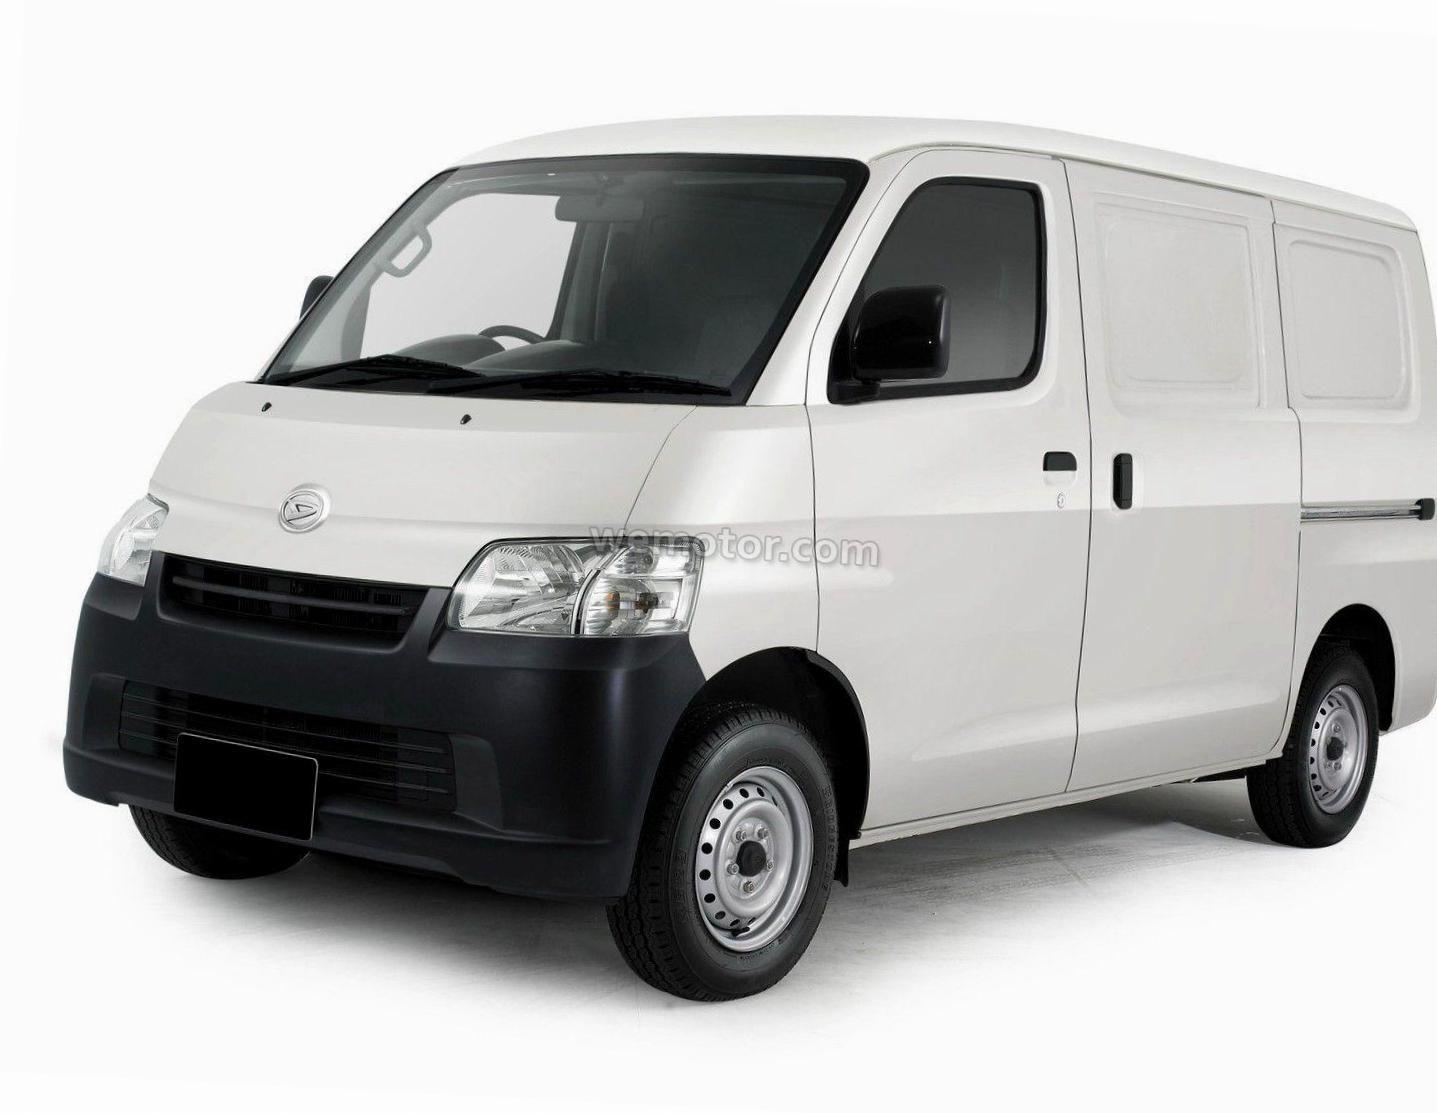 Gran Max Daihatsu Price Http Autotras Com Daihatsu Rent A Car Car